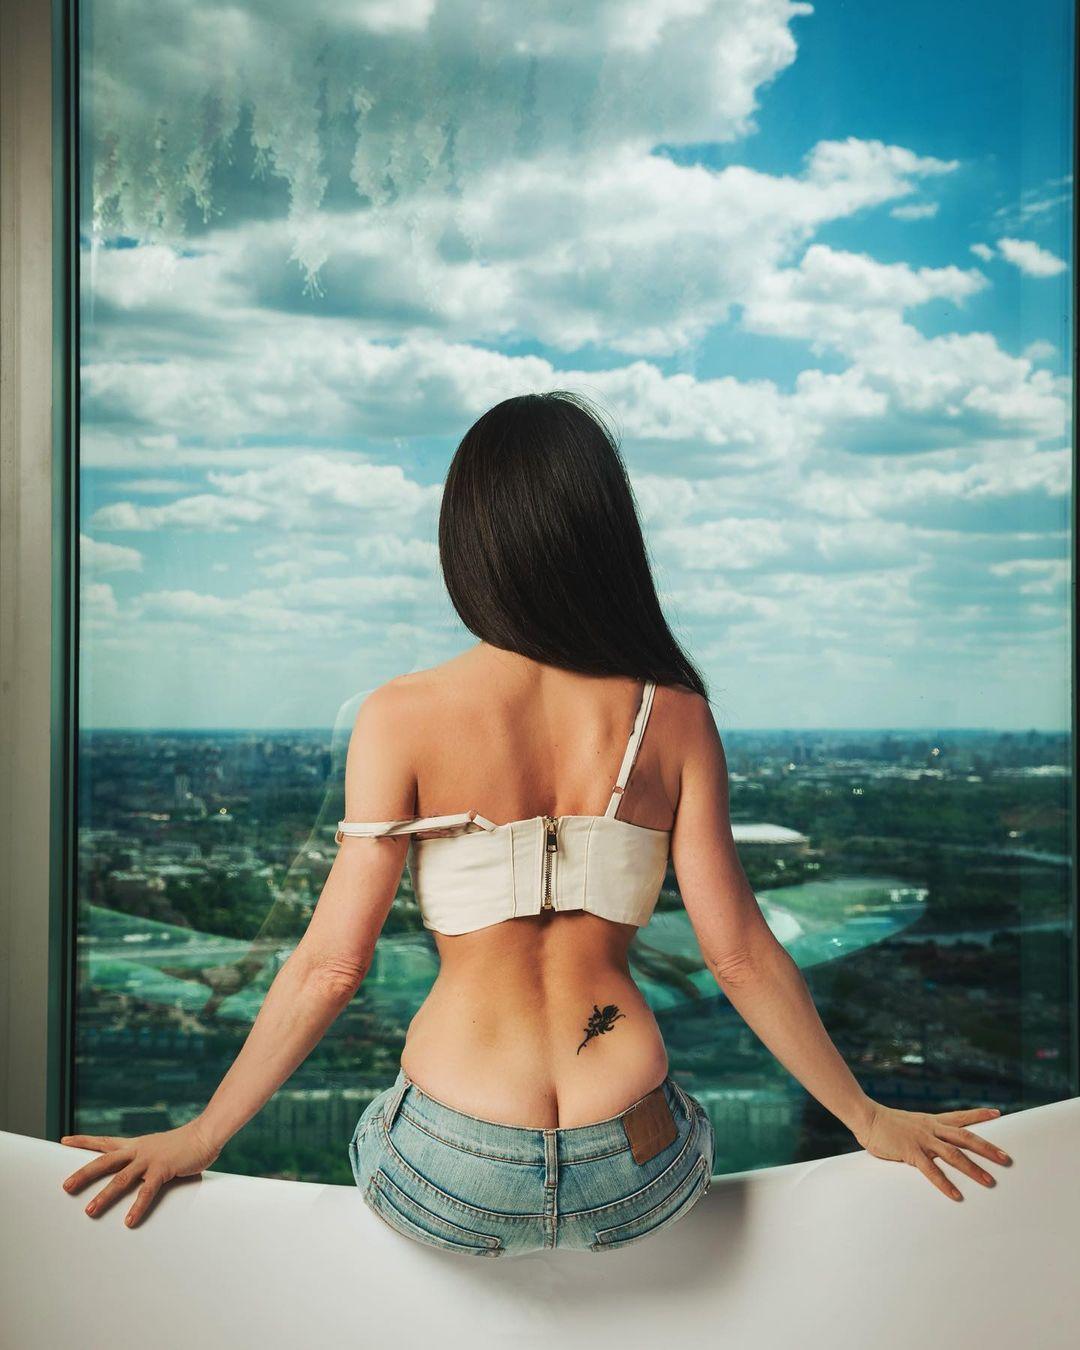 Анна Плетнёва отметила день вакцинации фотографией топлесс